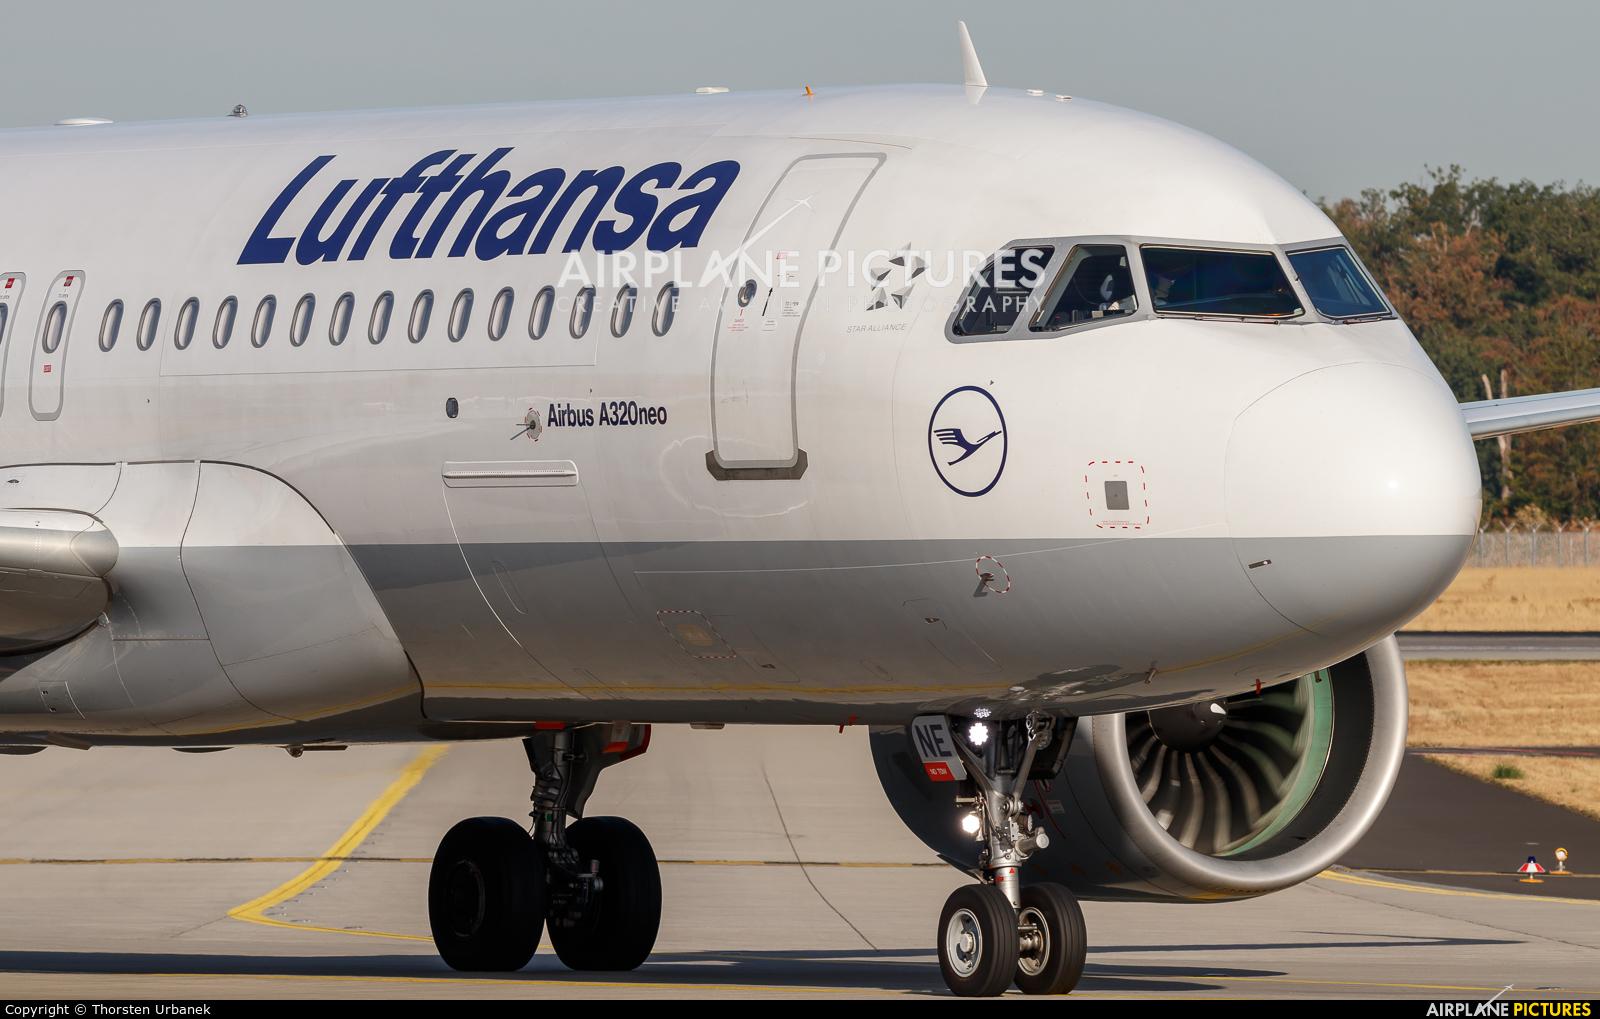 Lufthansa D-AINE aircraft at Frankfurt